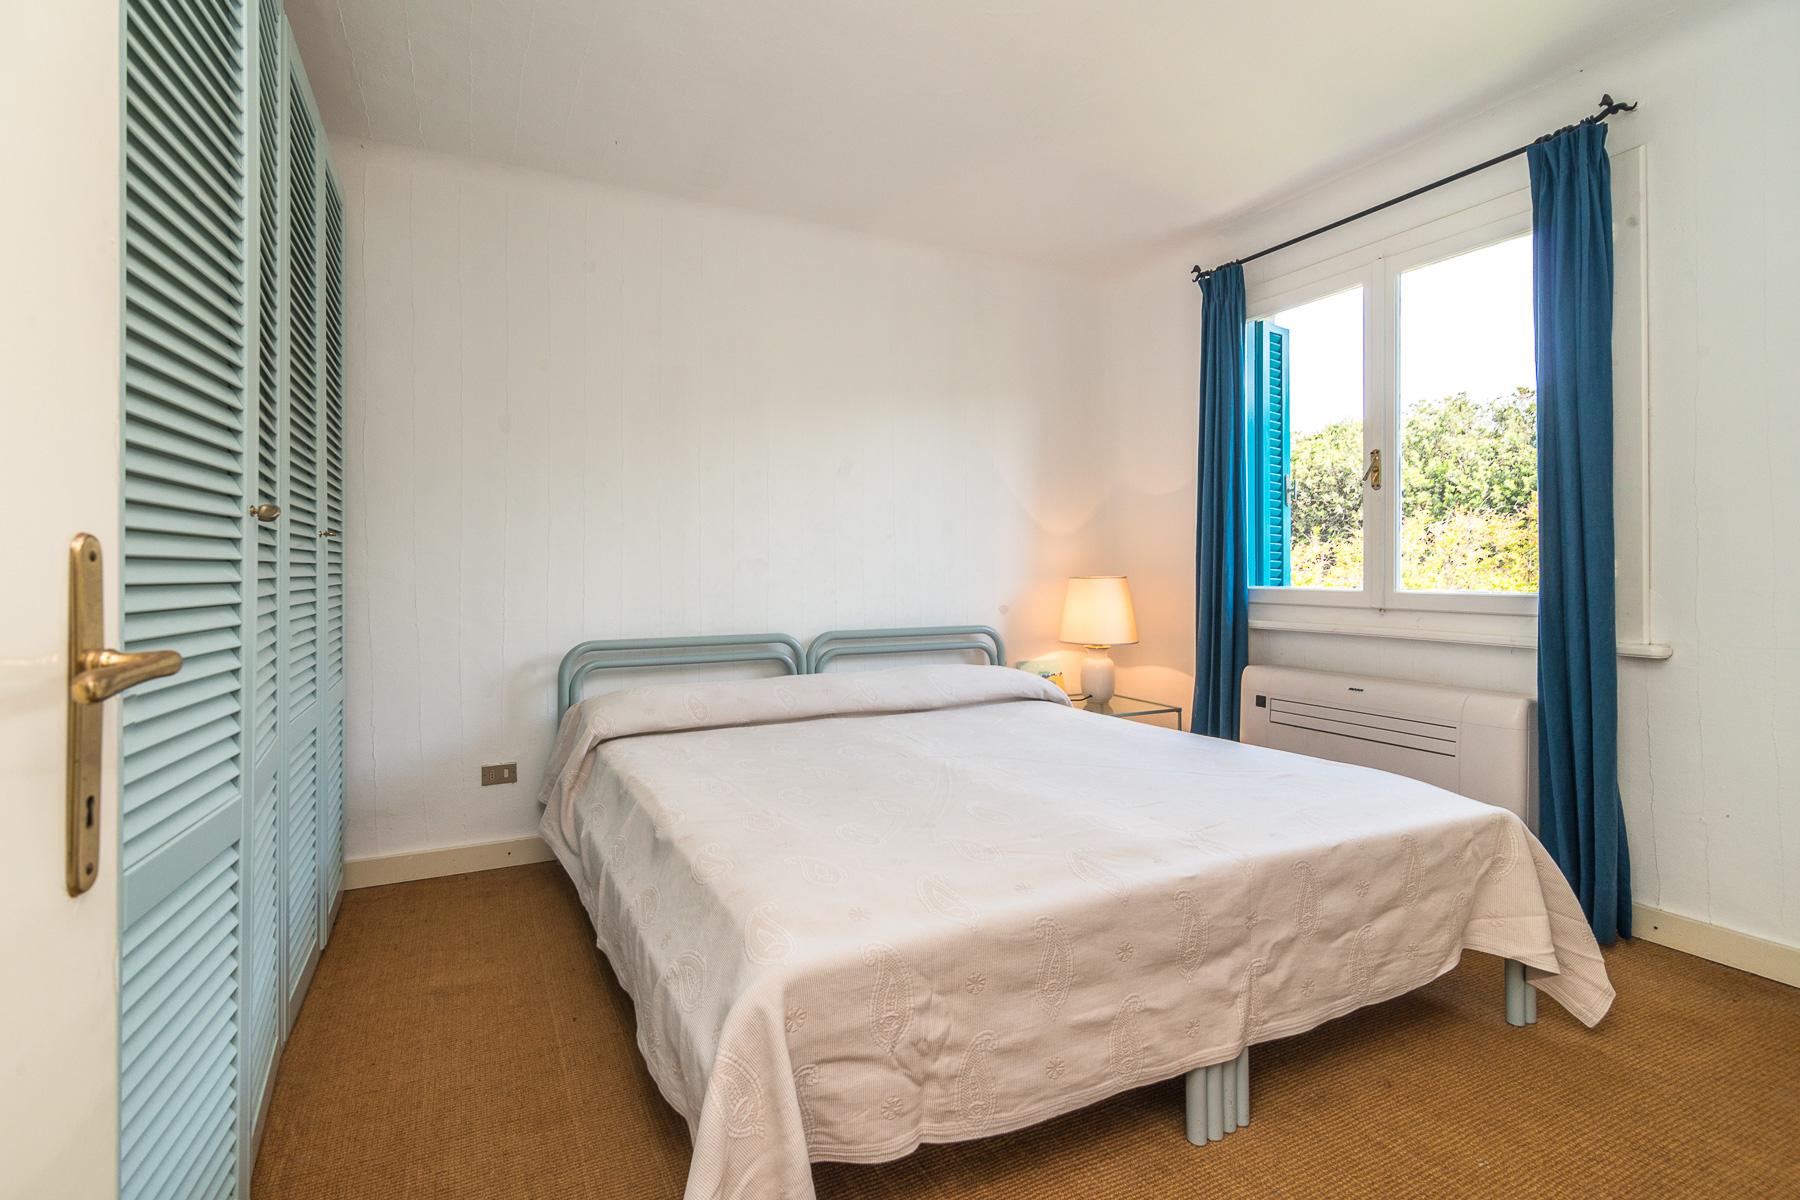 Appartamento di lusso in vendita ad Olbia Via Clelia donà ...